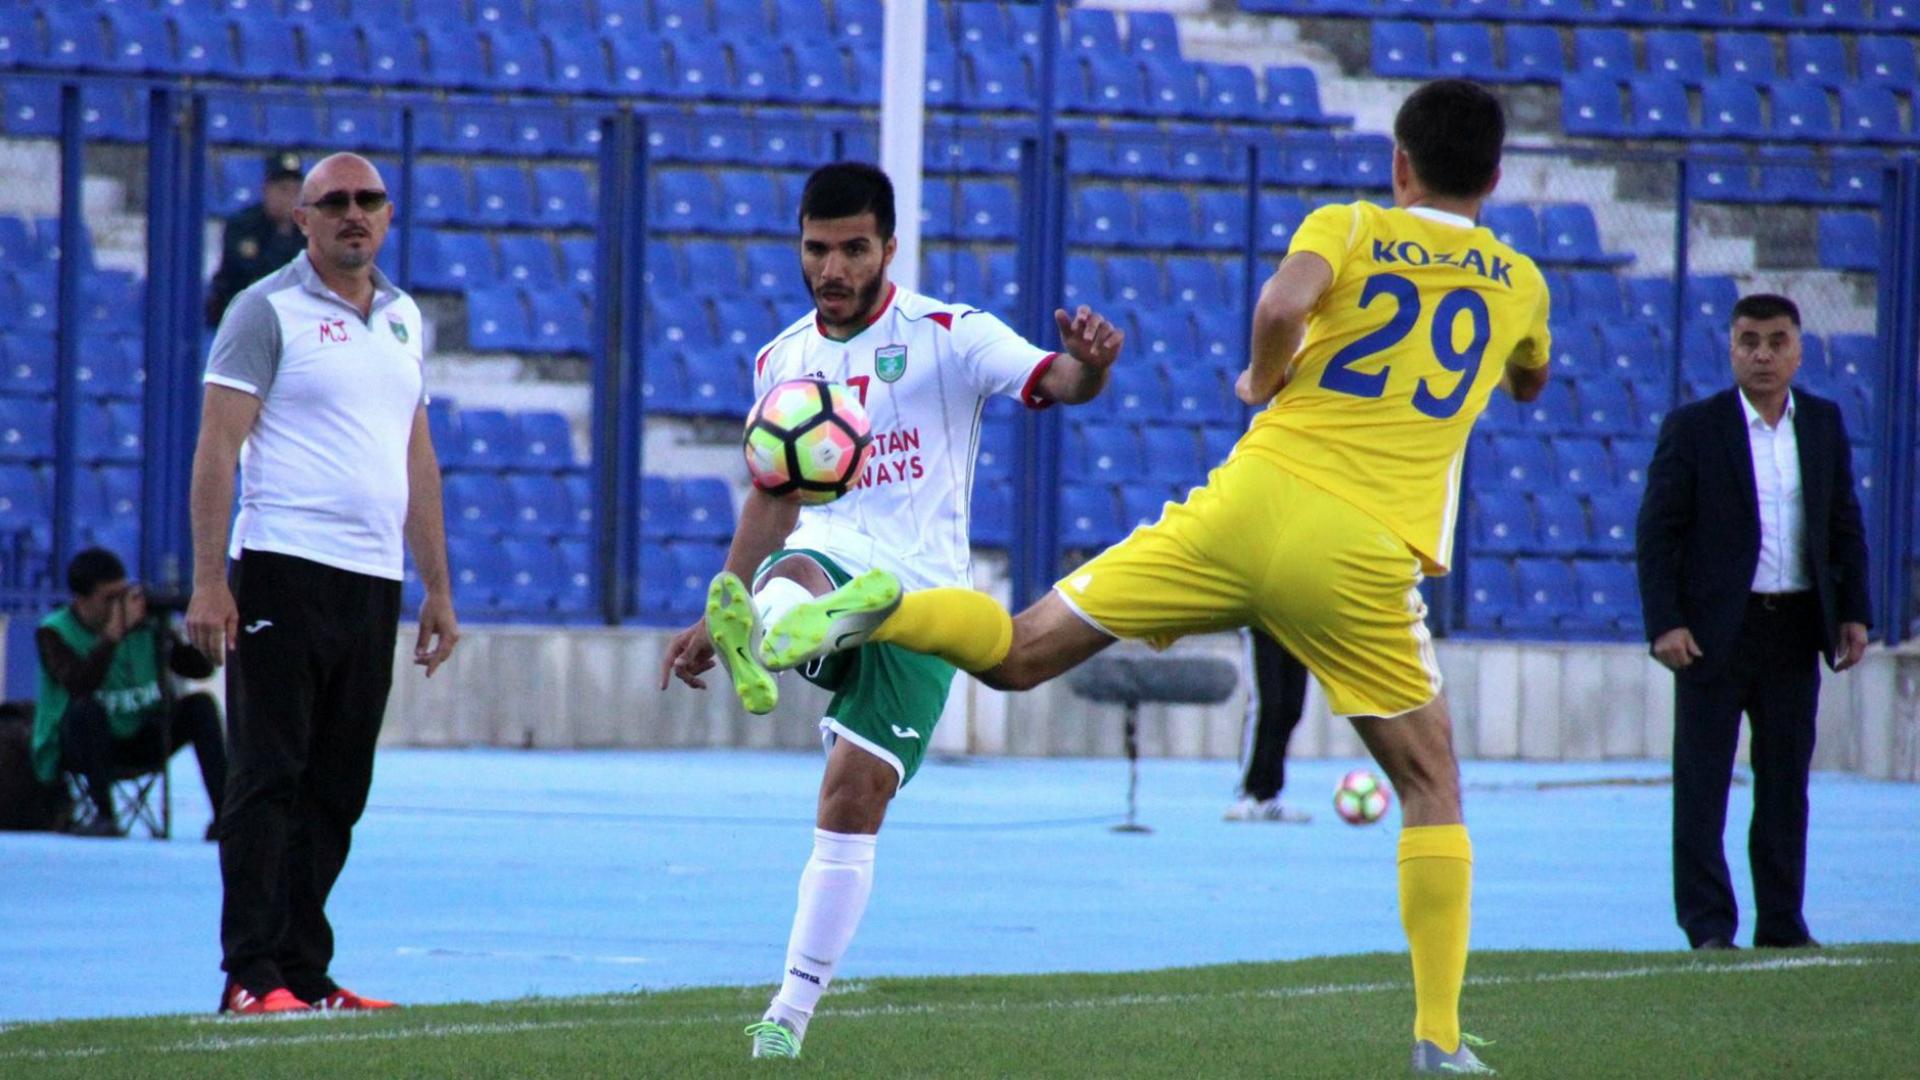 Mirko Jelicic Lokomotiv Tashkent Uzbek League